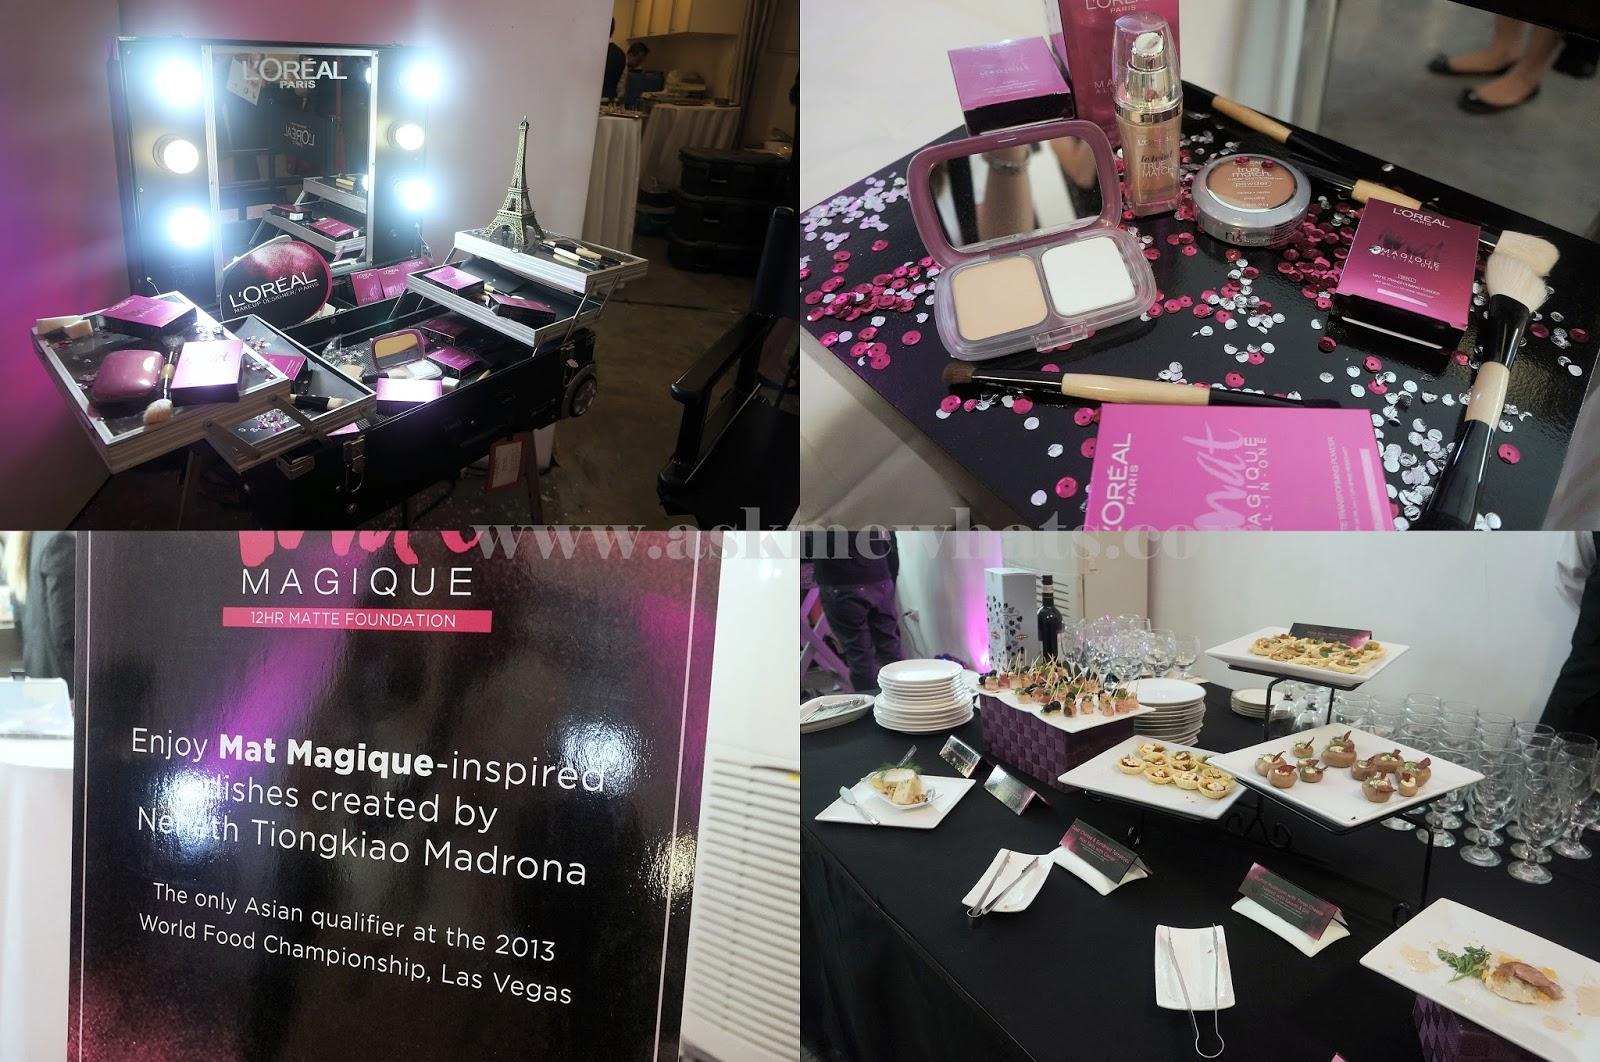 Mac Makeup Party Decorations - Mugeek Vidalondon